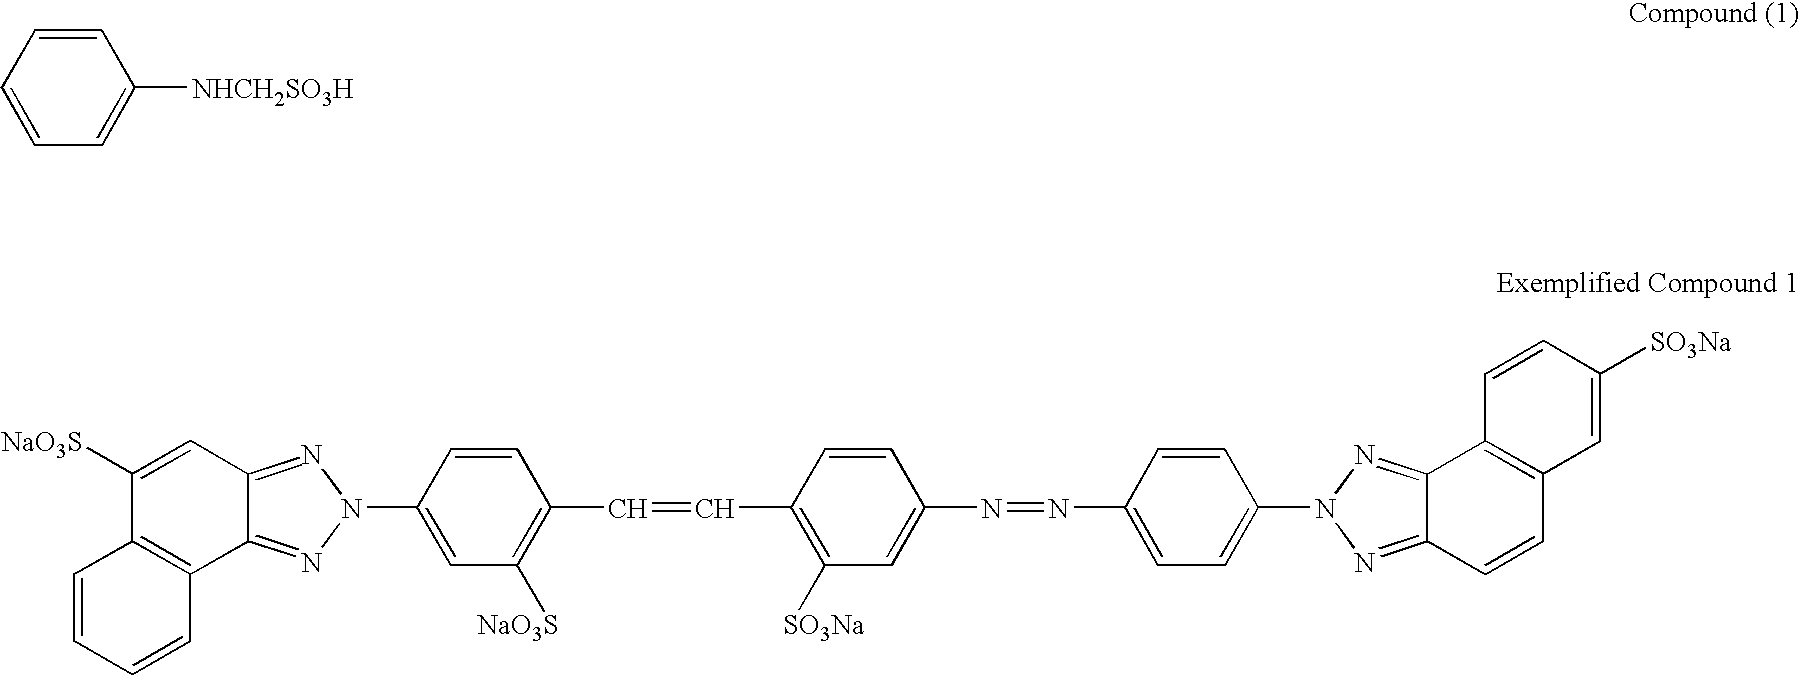 Figure US20090295886A1-20091203-C00004